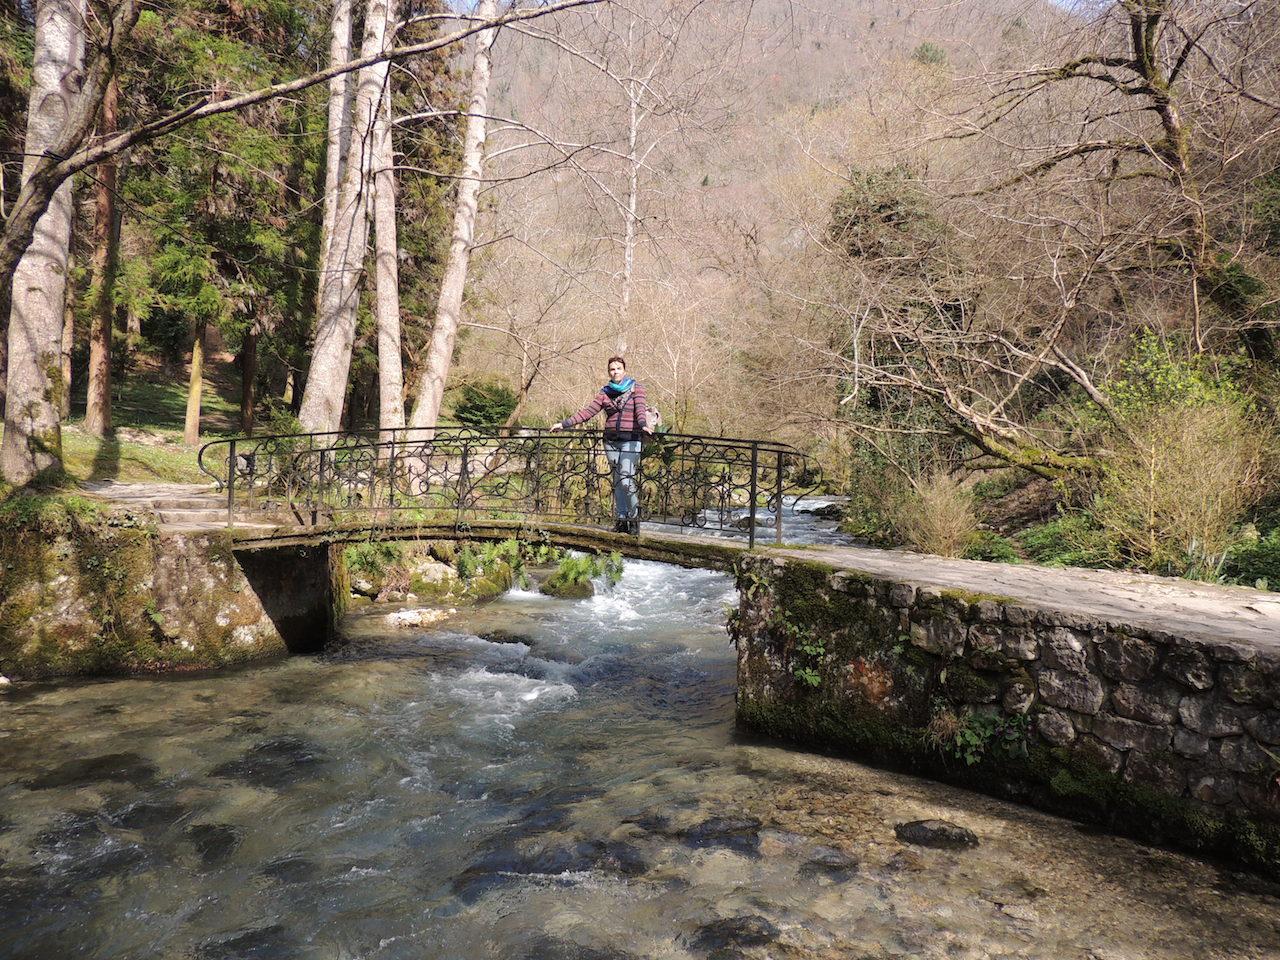 Абхазия Новый Афон Парк река 14 марта 2015 г., 16-041.JPG